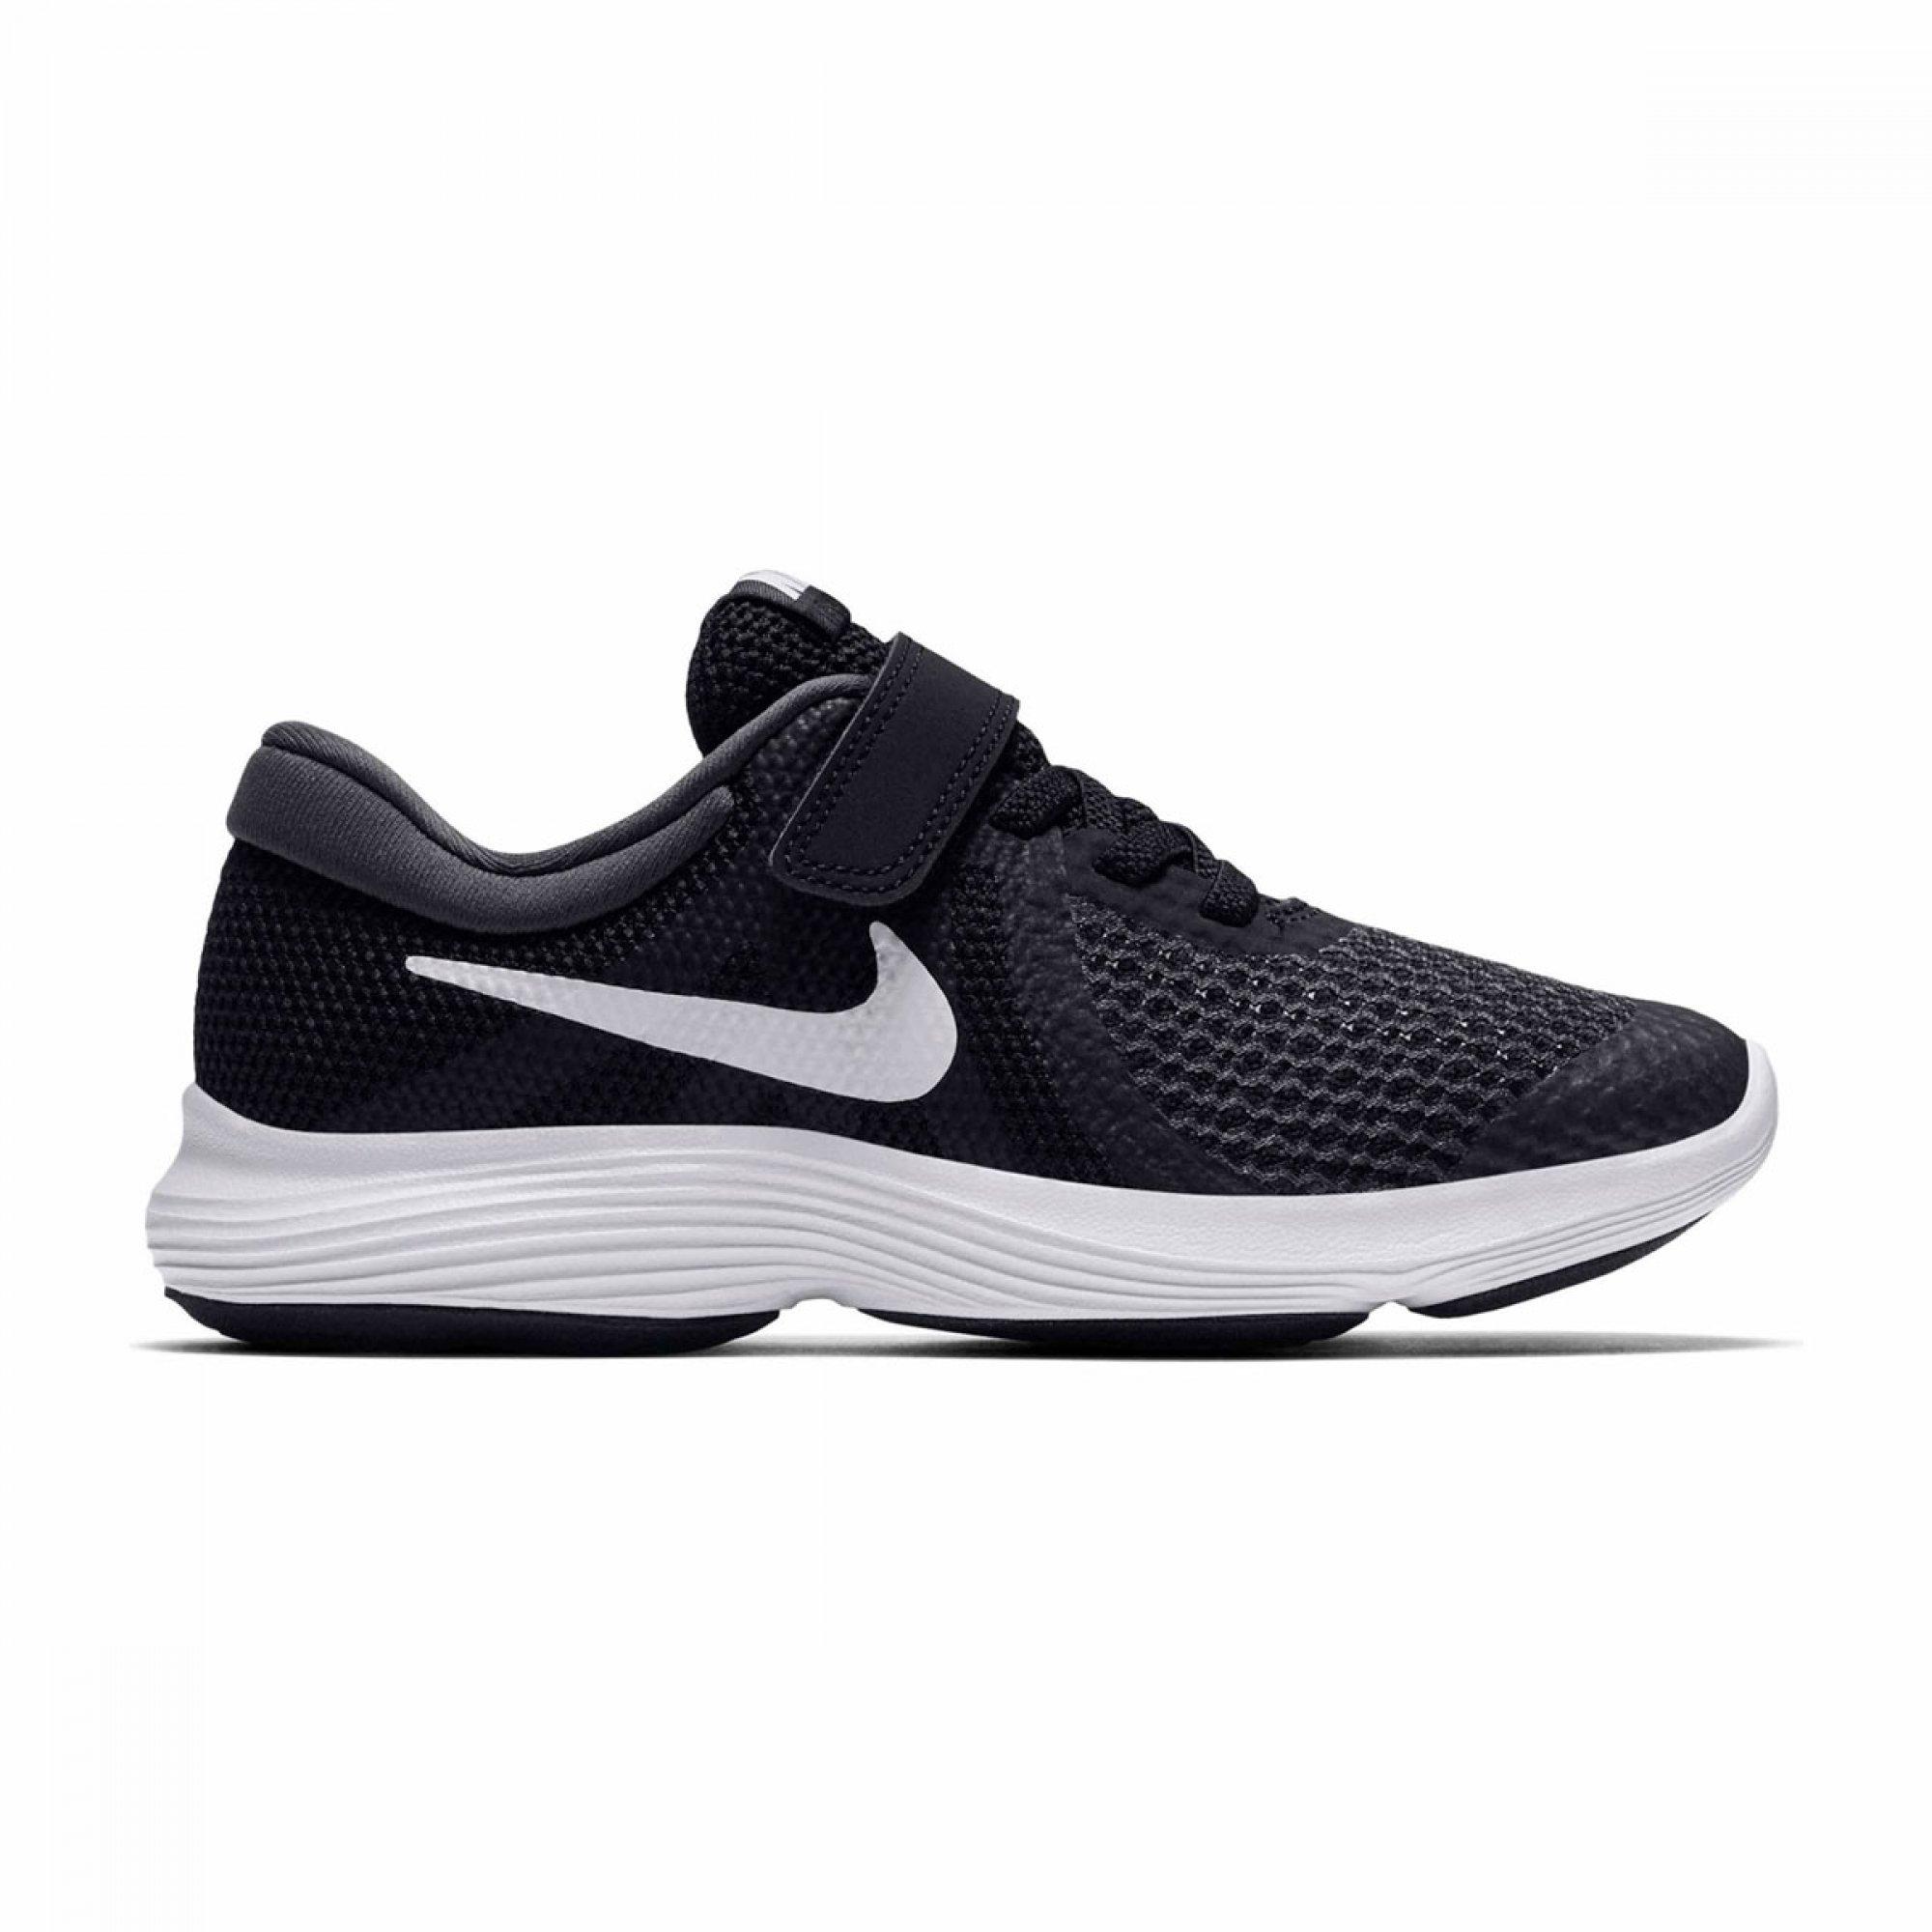 REVOLUTION - Nike - Traccestore aab8a72b433b